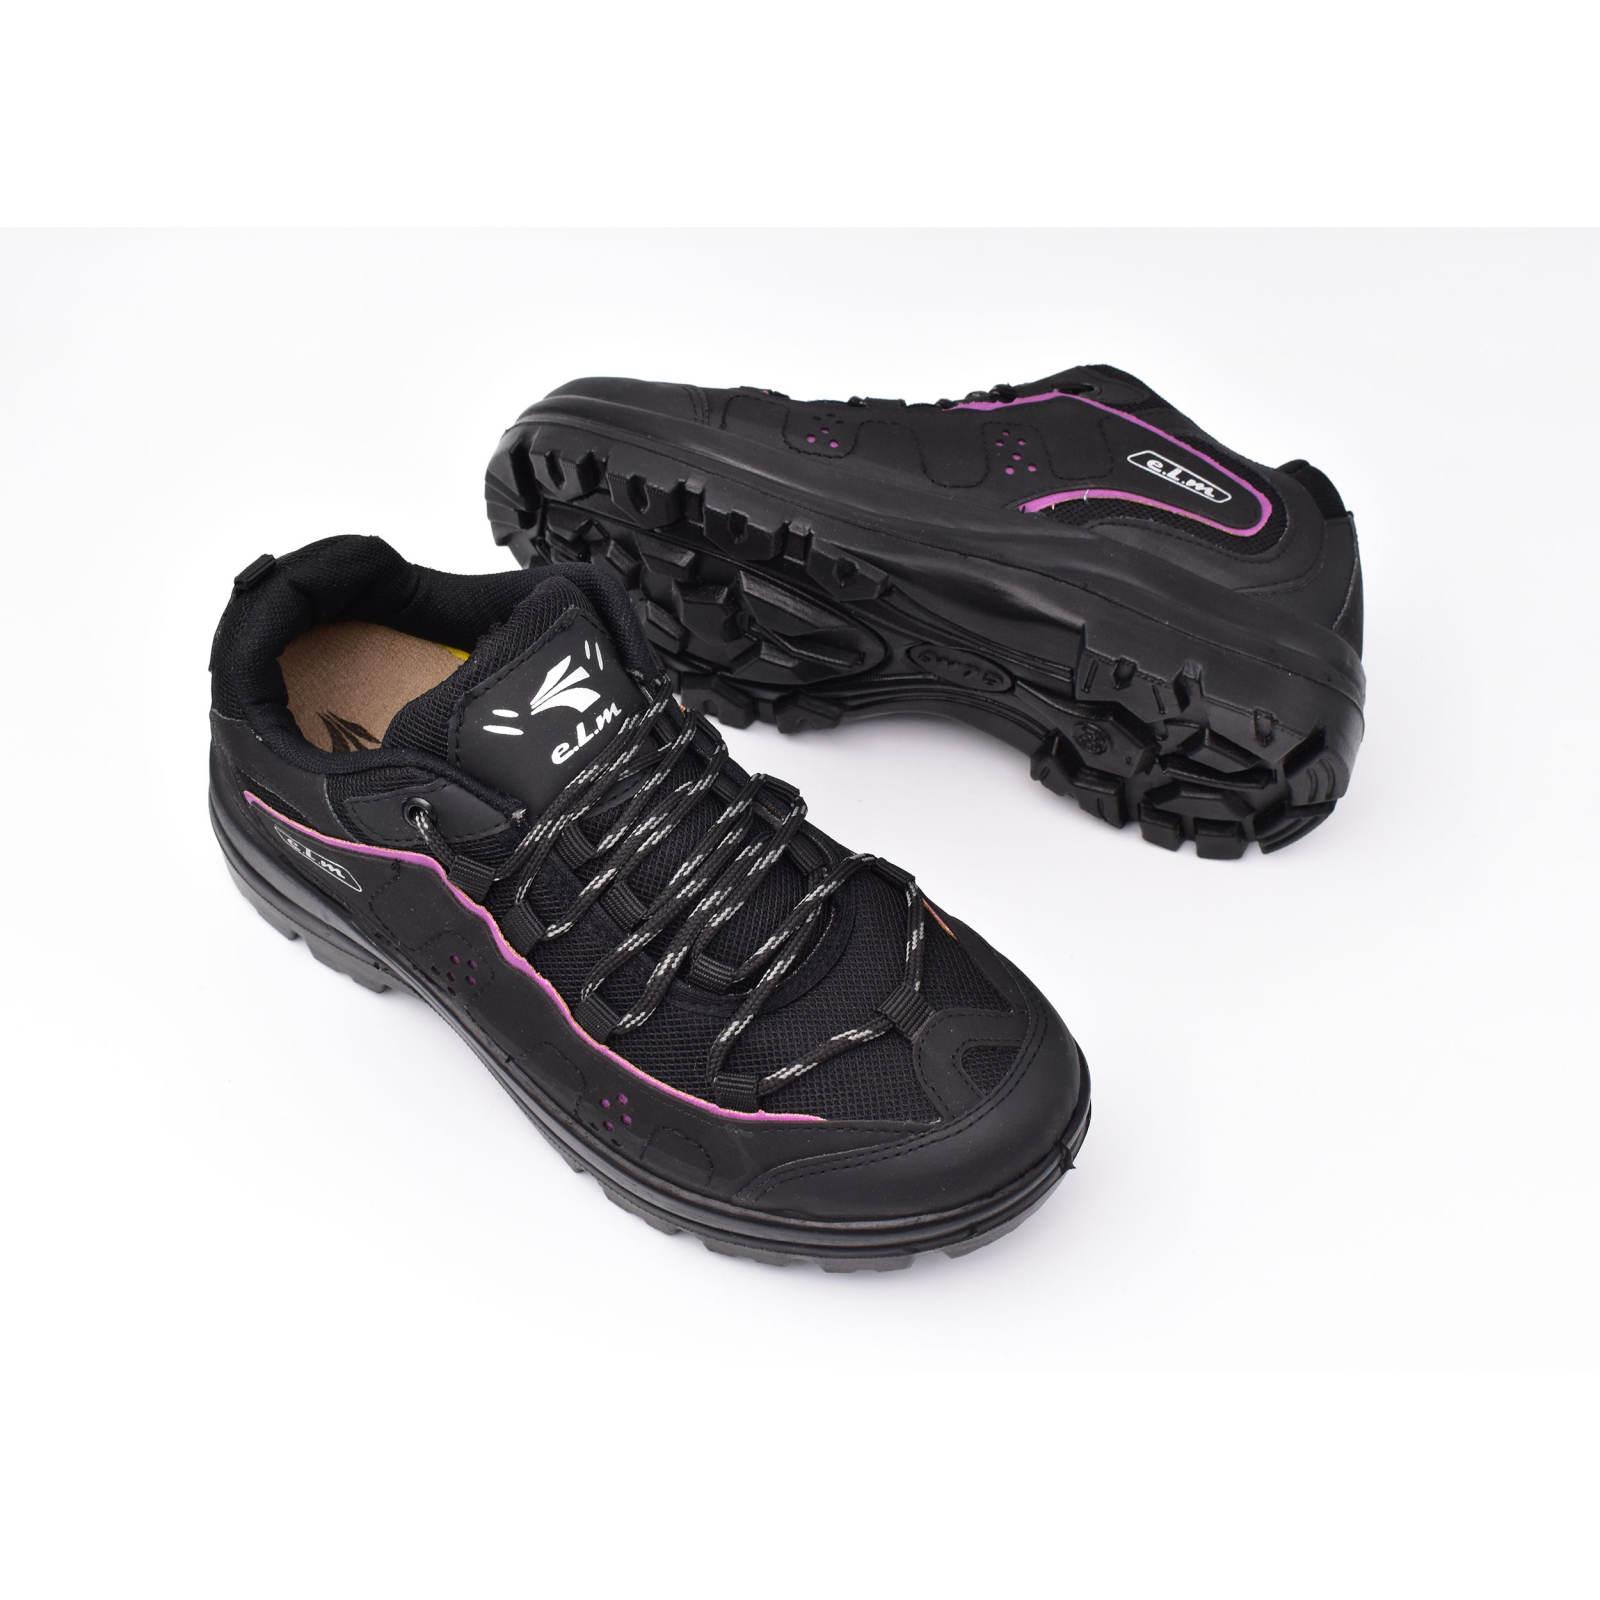 کفش پیاده روی زنانه ای ال ام مدل هیوا کد 7726 -  - 7